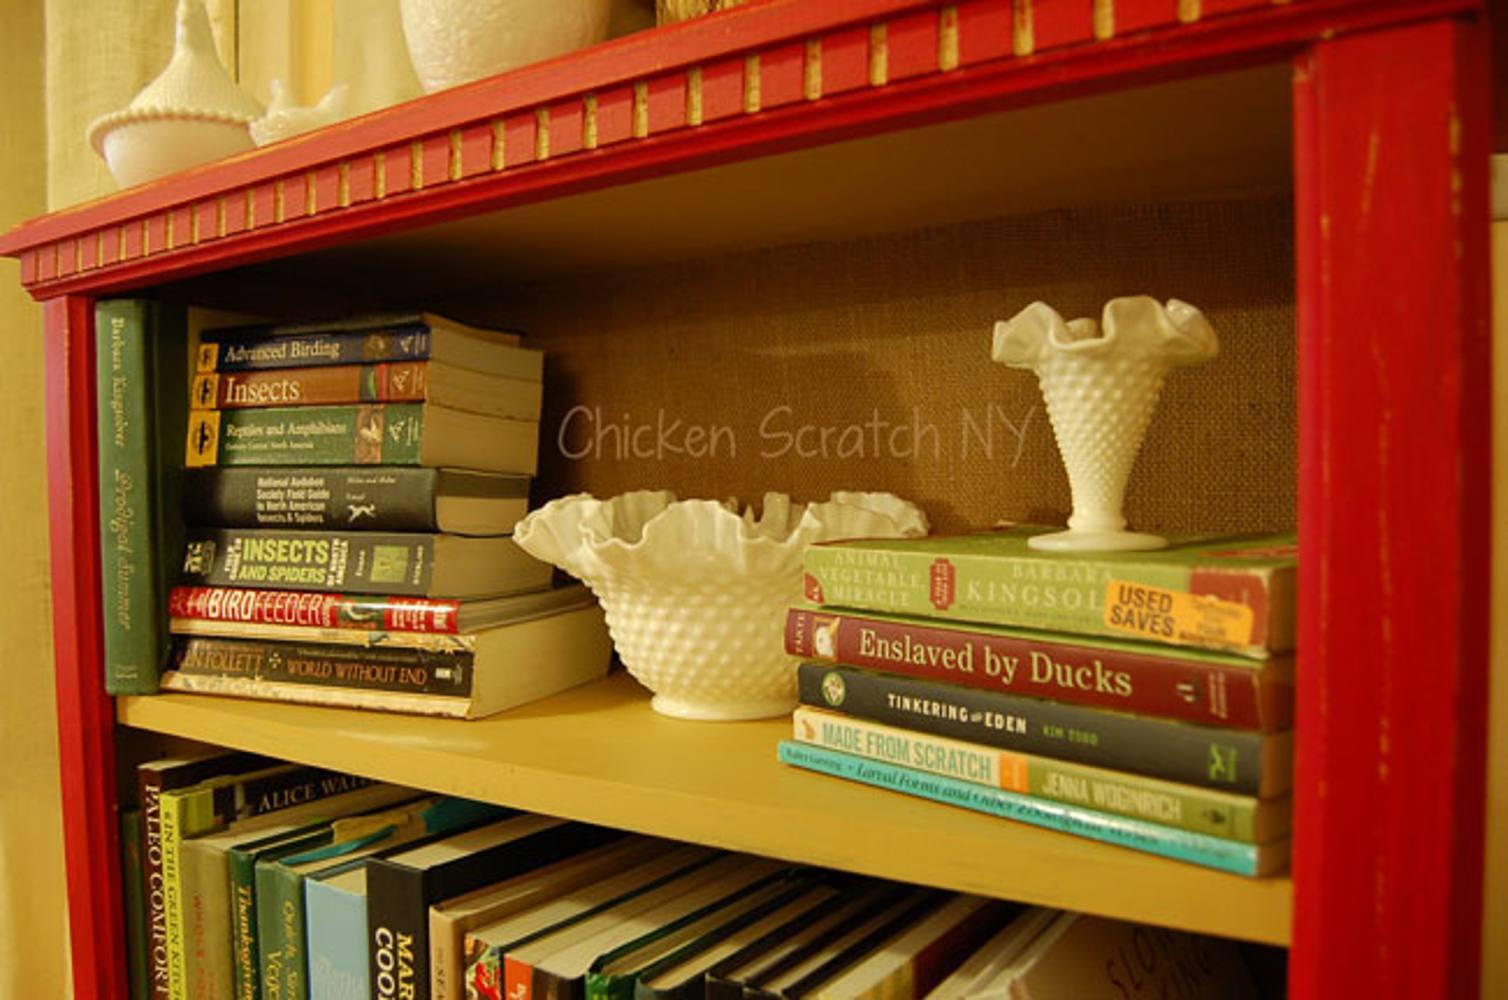 Librería de bricolaje cambio de imagen con estantes pintados en contraste y libros que recubren los estantes